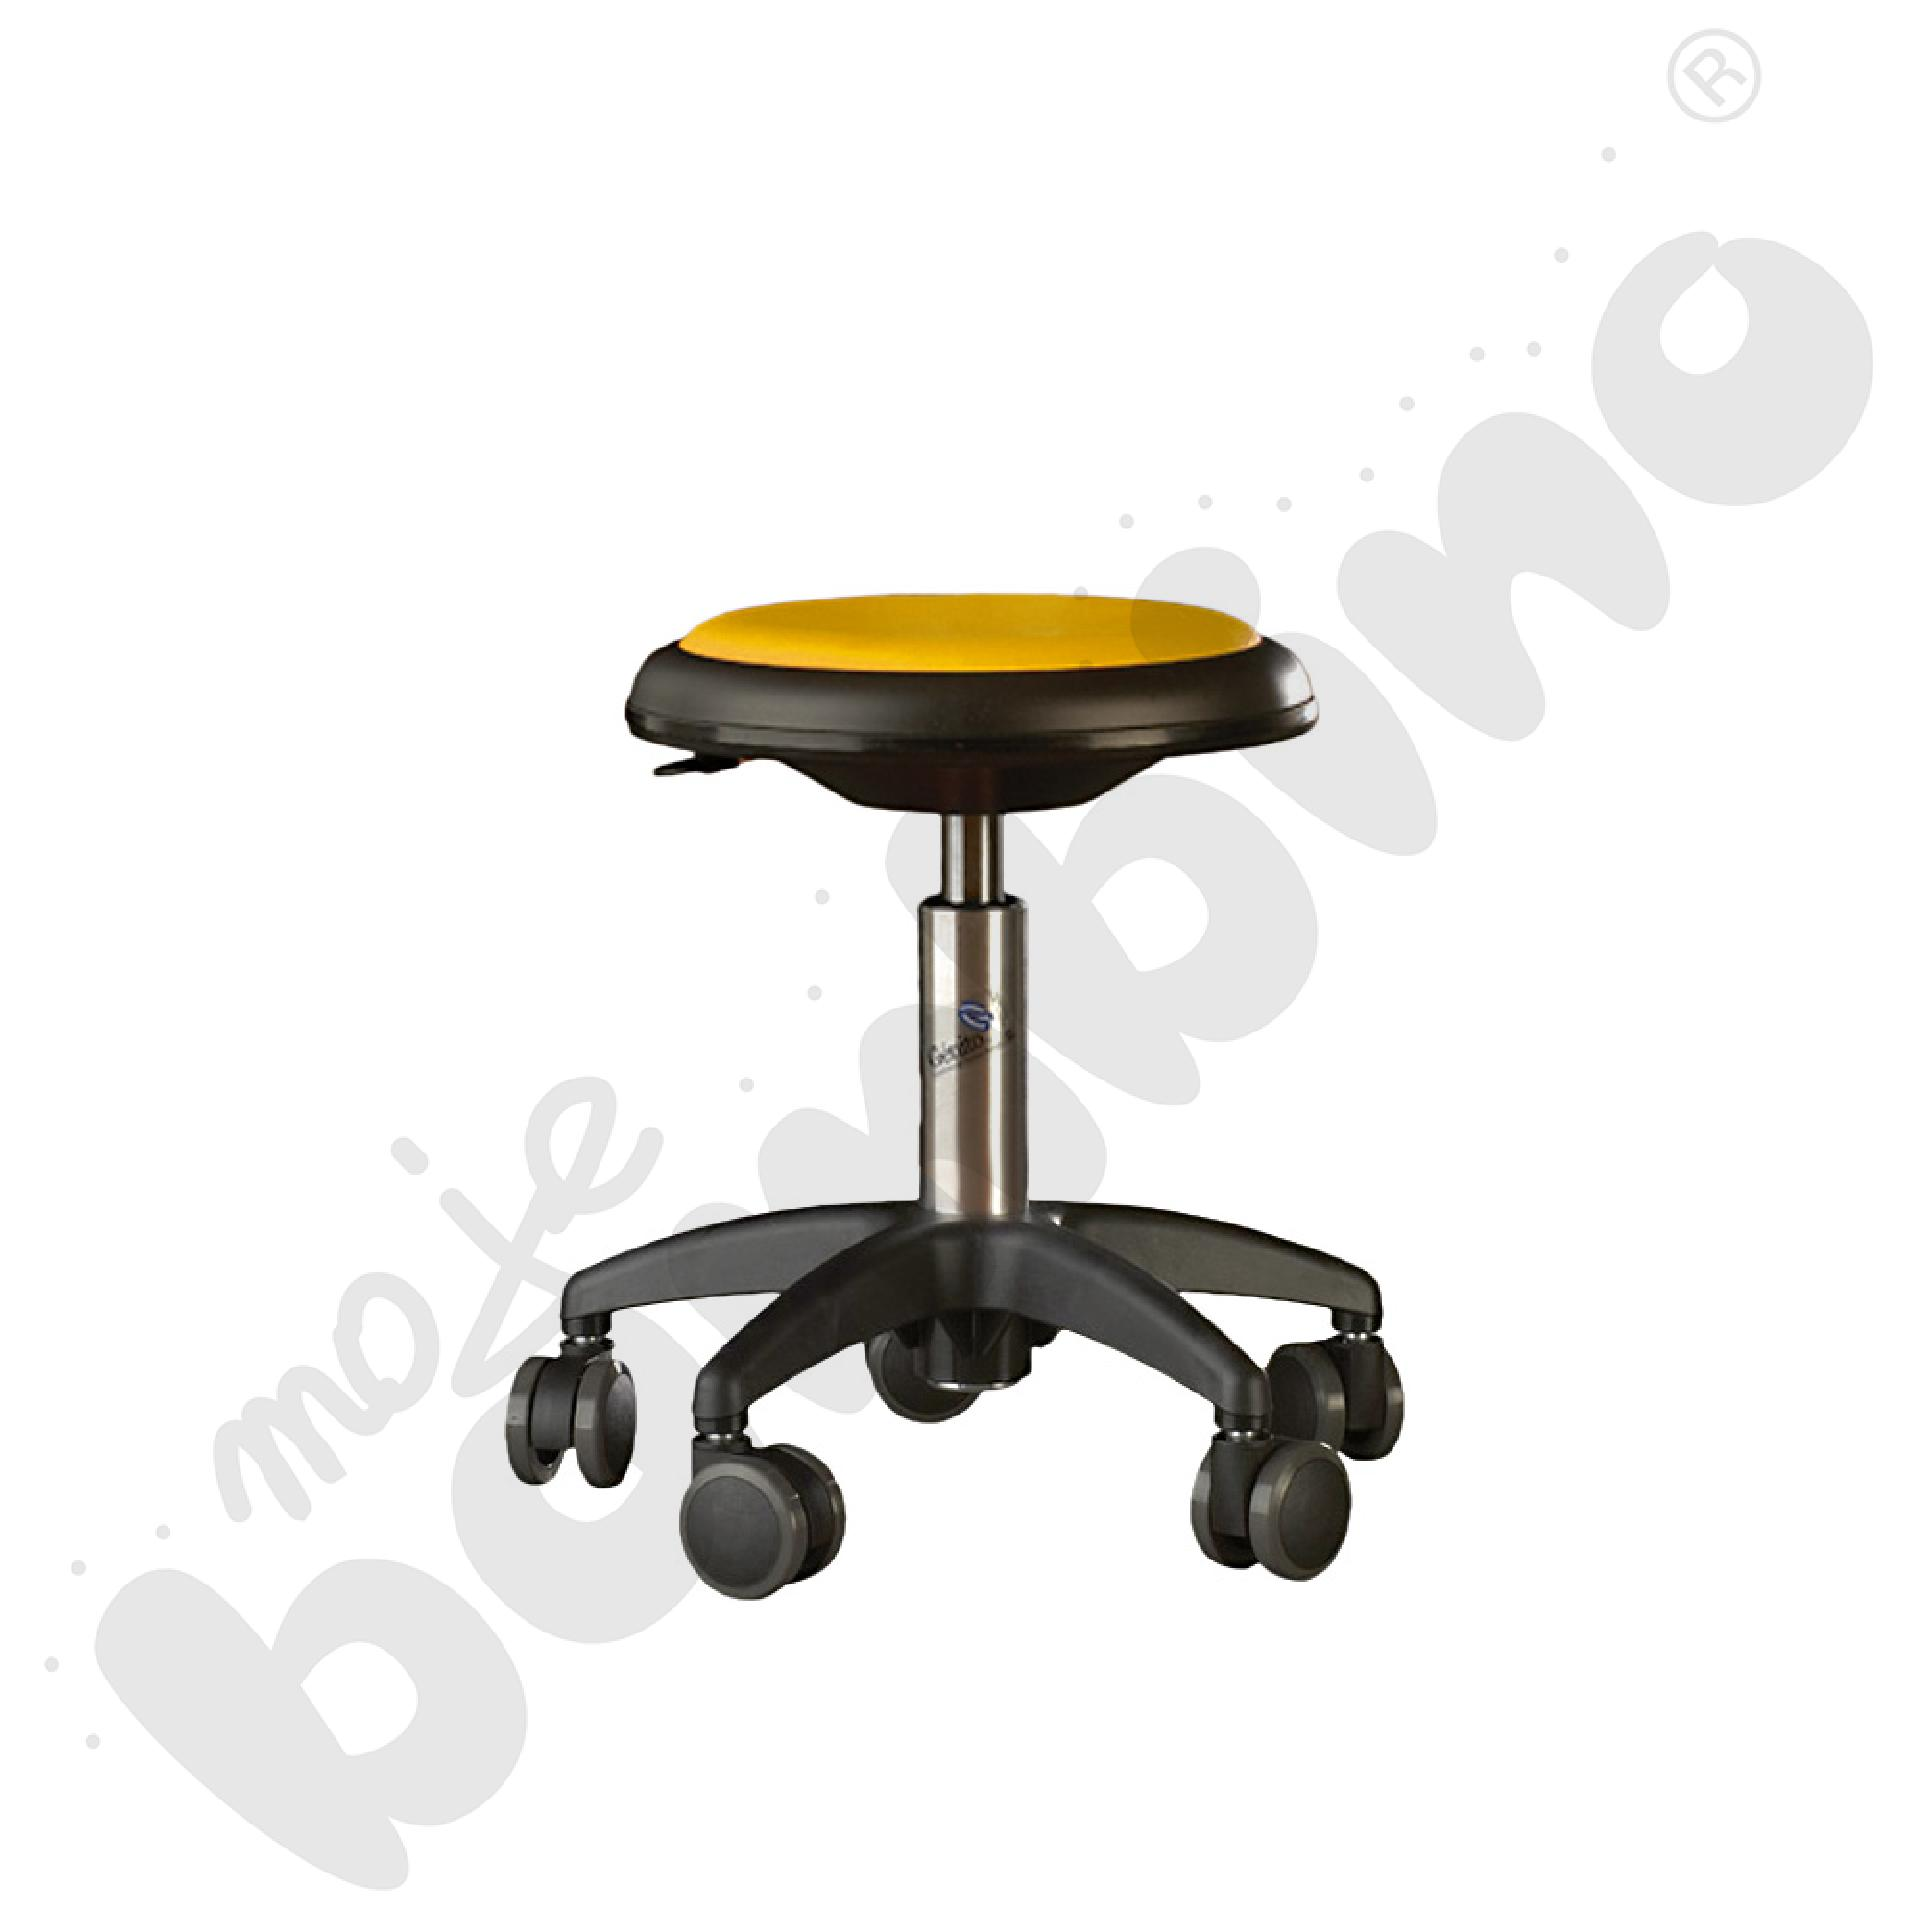 Krzesło Genito, wys. 30-38 cm - żółte